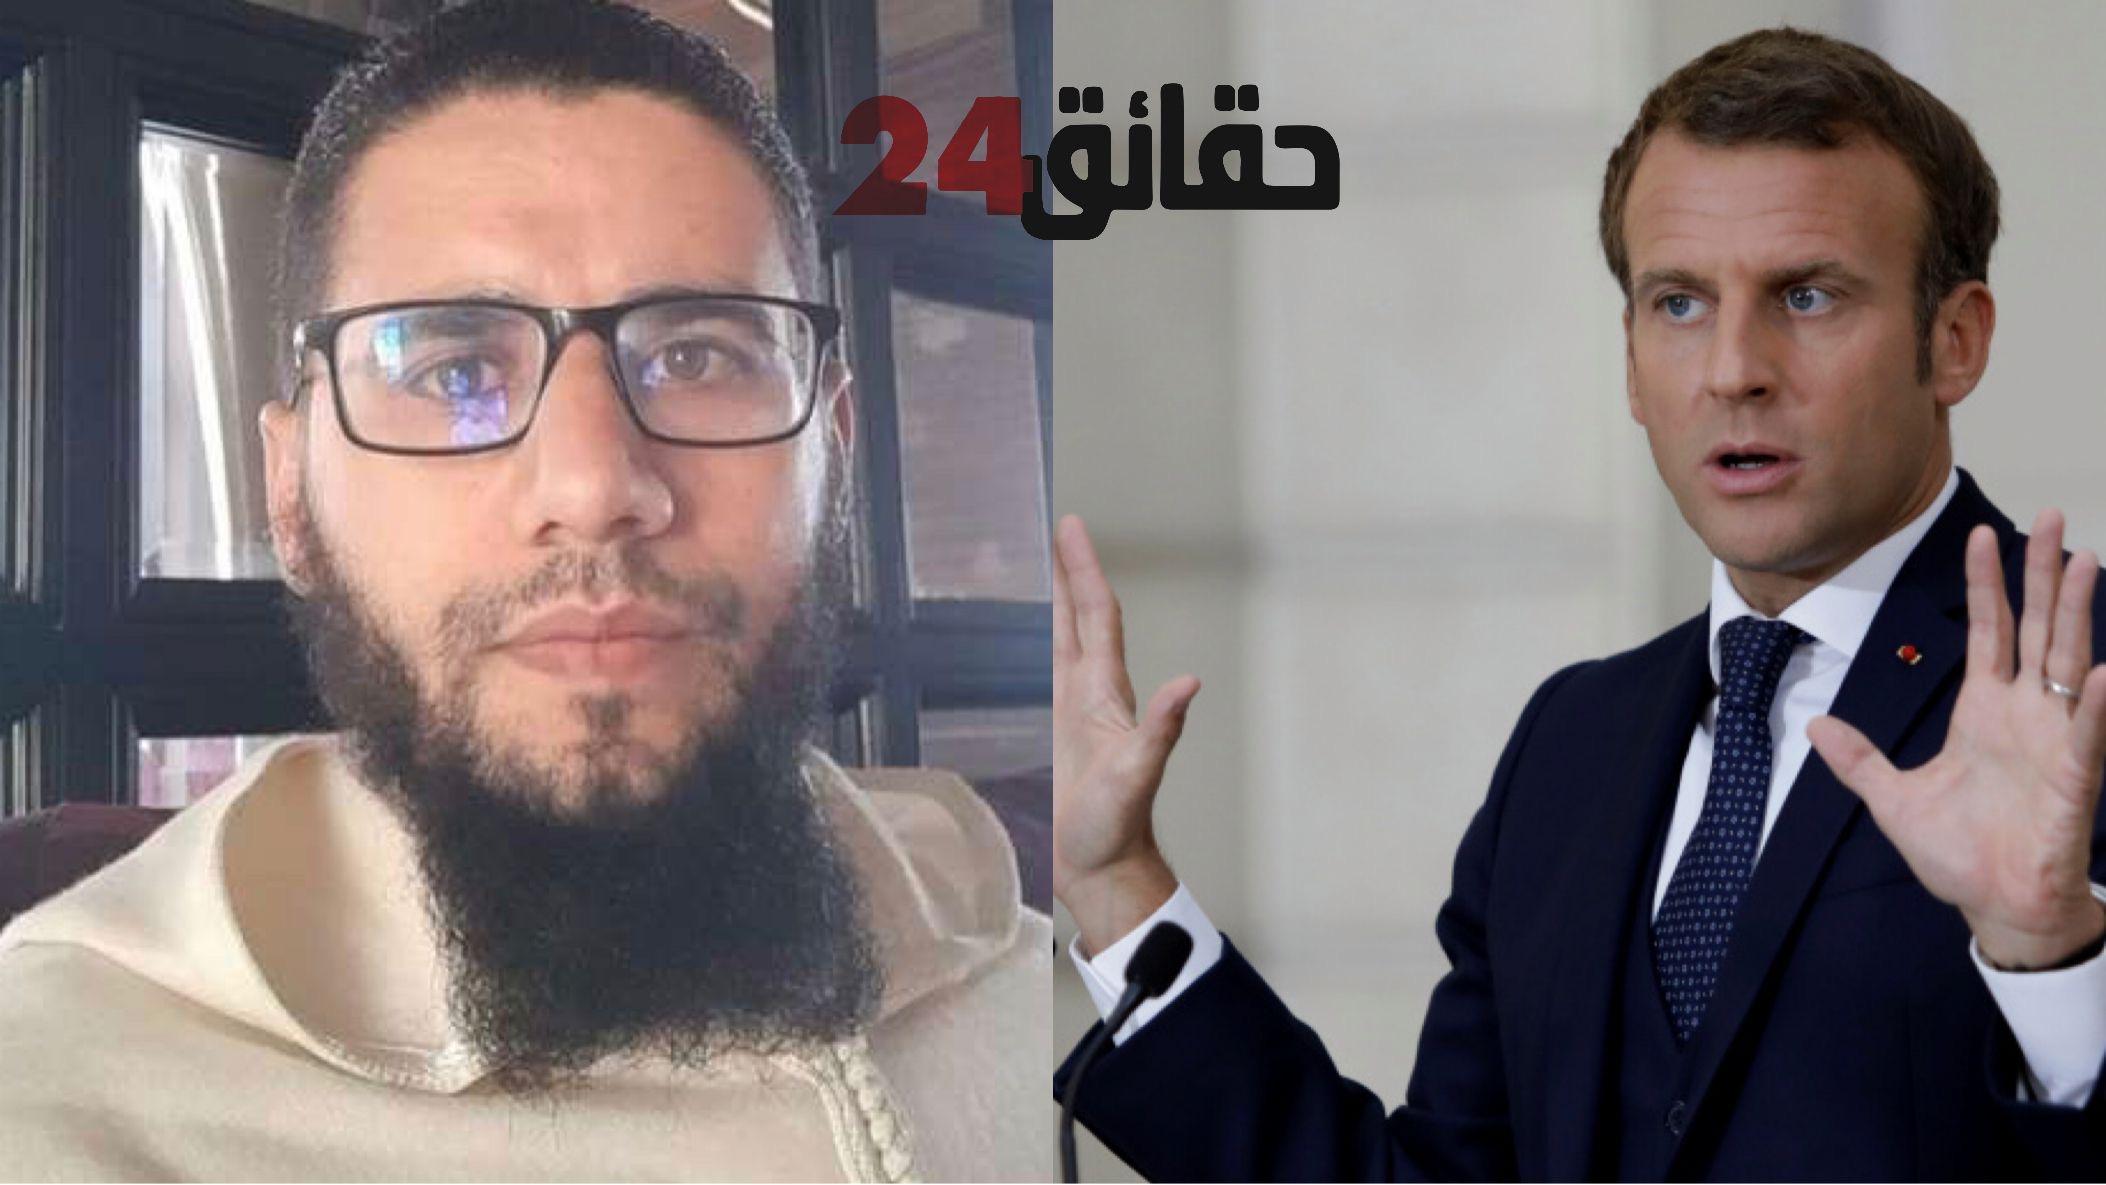 صورة أستاذ مغربي يدعو إلى قتل الرئيس الفرنسي